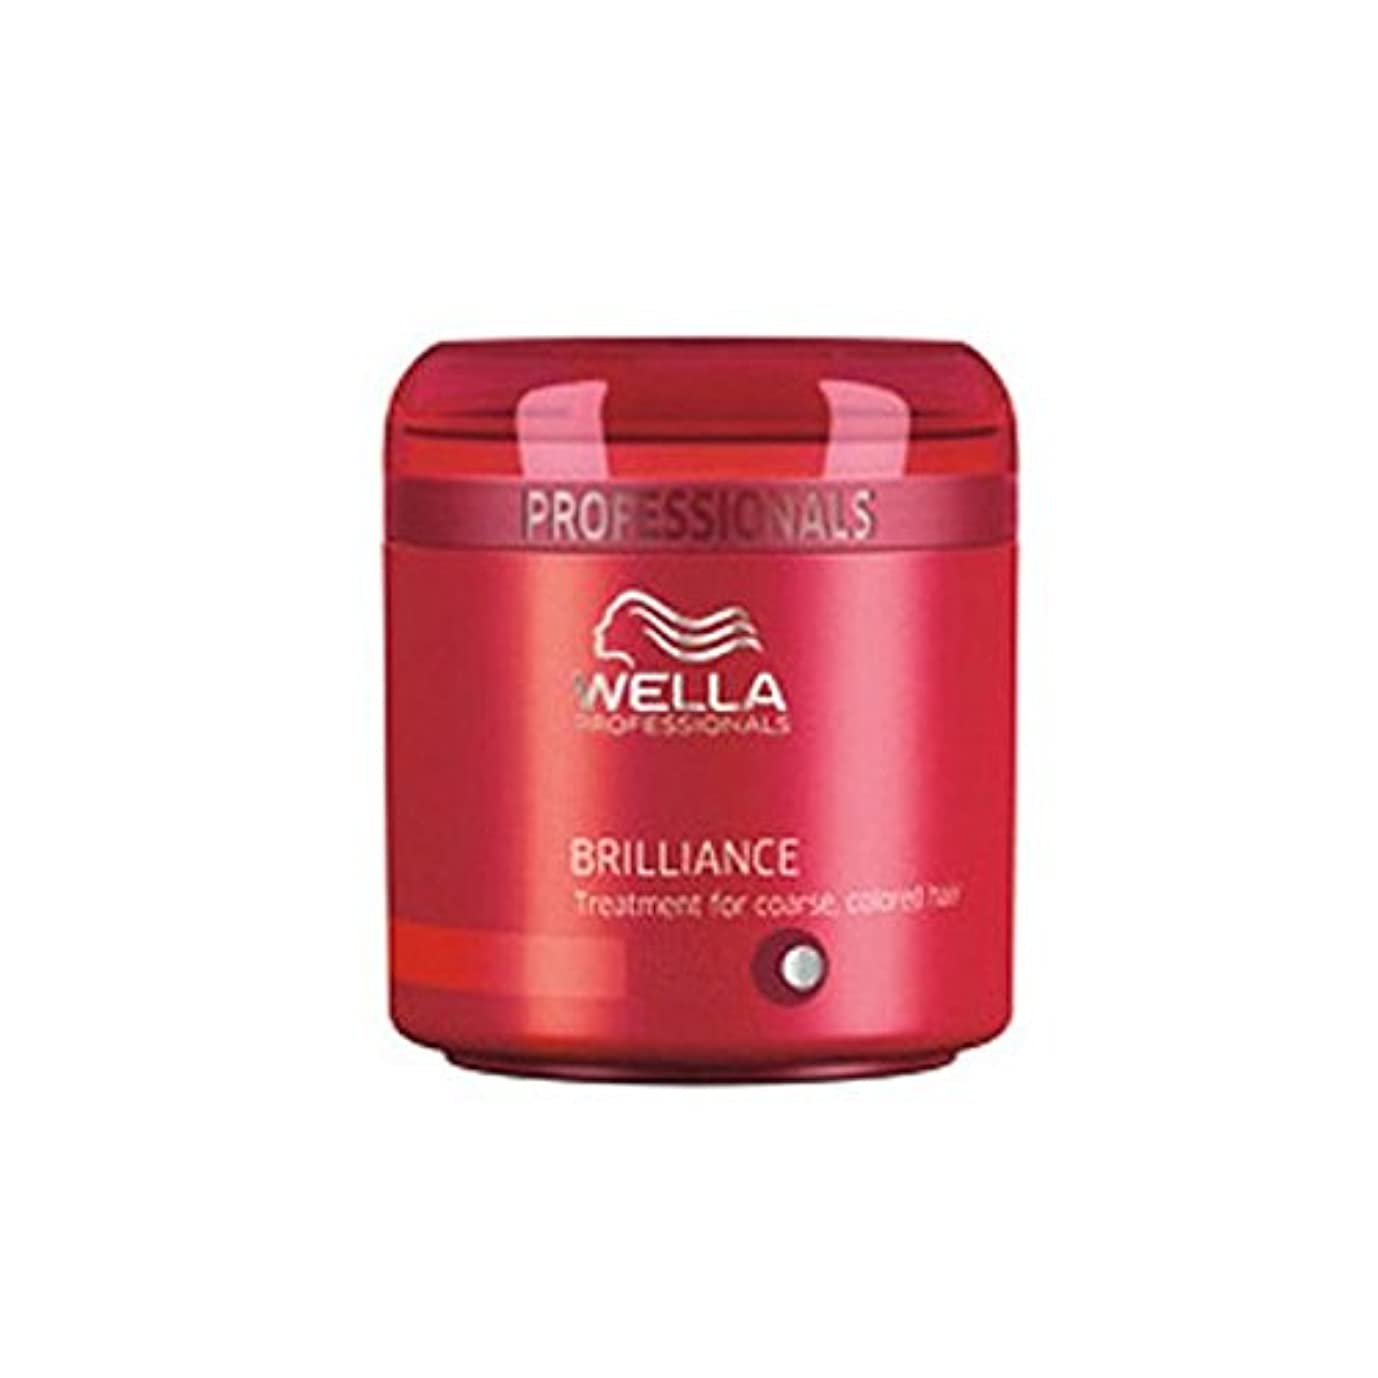 残忍なホスト松の木Wella Professionals Brilliance Treatment For Fine To Normal, Coloured Hair (500ml) (Pack of 6) - ウェラの専門家が通常に罰金の治療を輝き、色の髪(500ミリリットル) x6 [並行輸入品]